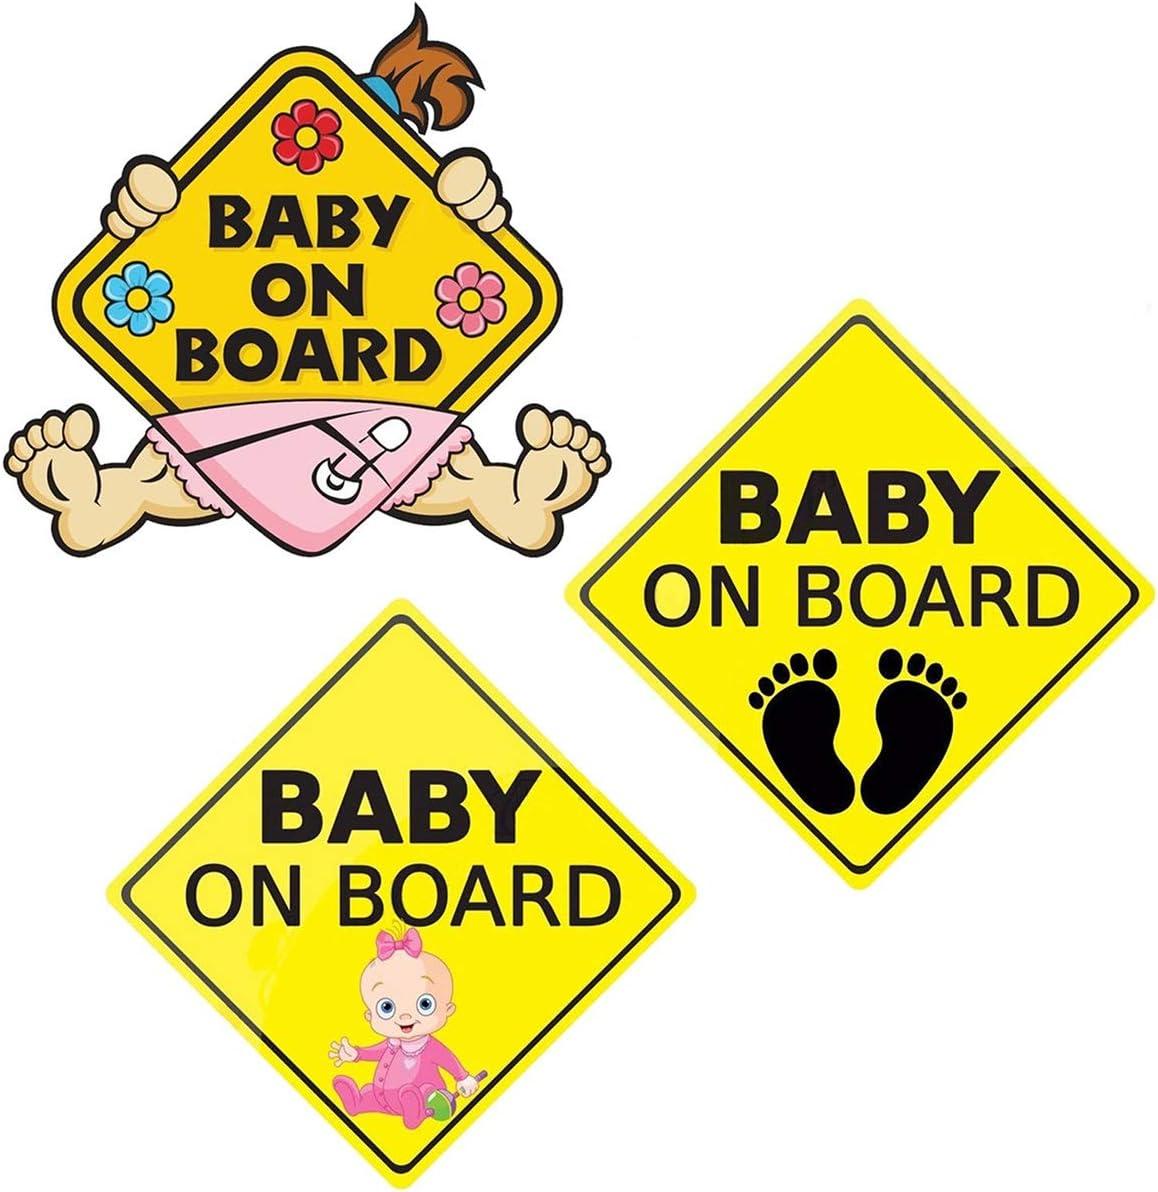 Offerta – Borlai Baby Auto Adesivo di Sicurezza Autoadesivo Impermeabile Durevole (1/2 Pezzi opzionali),